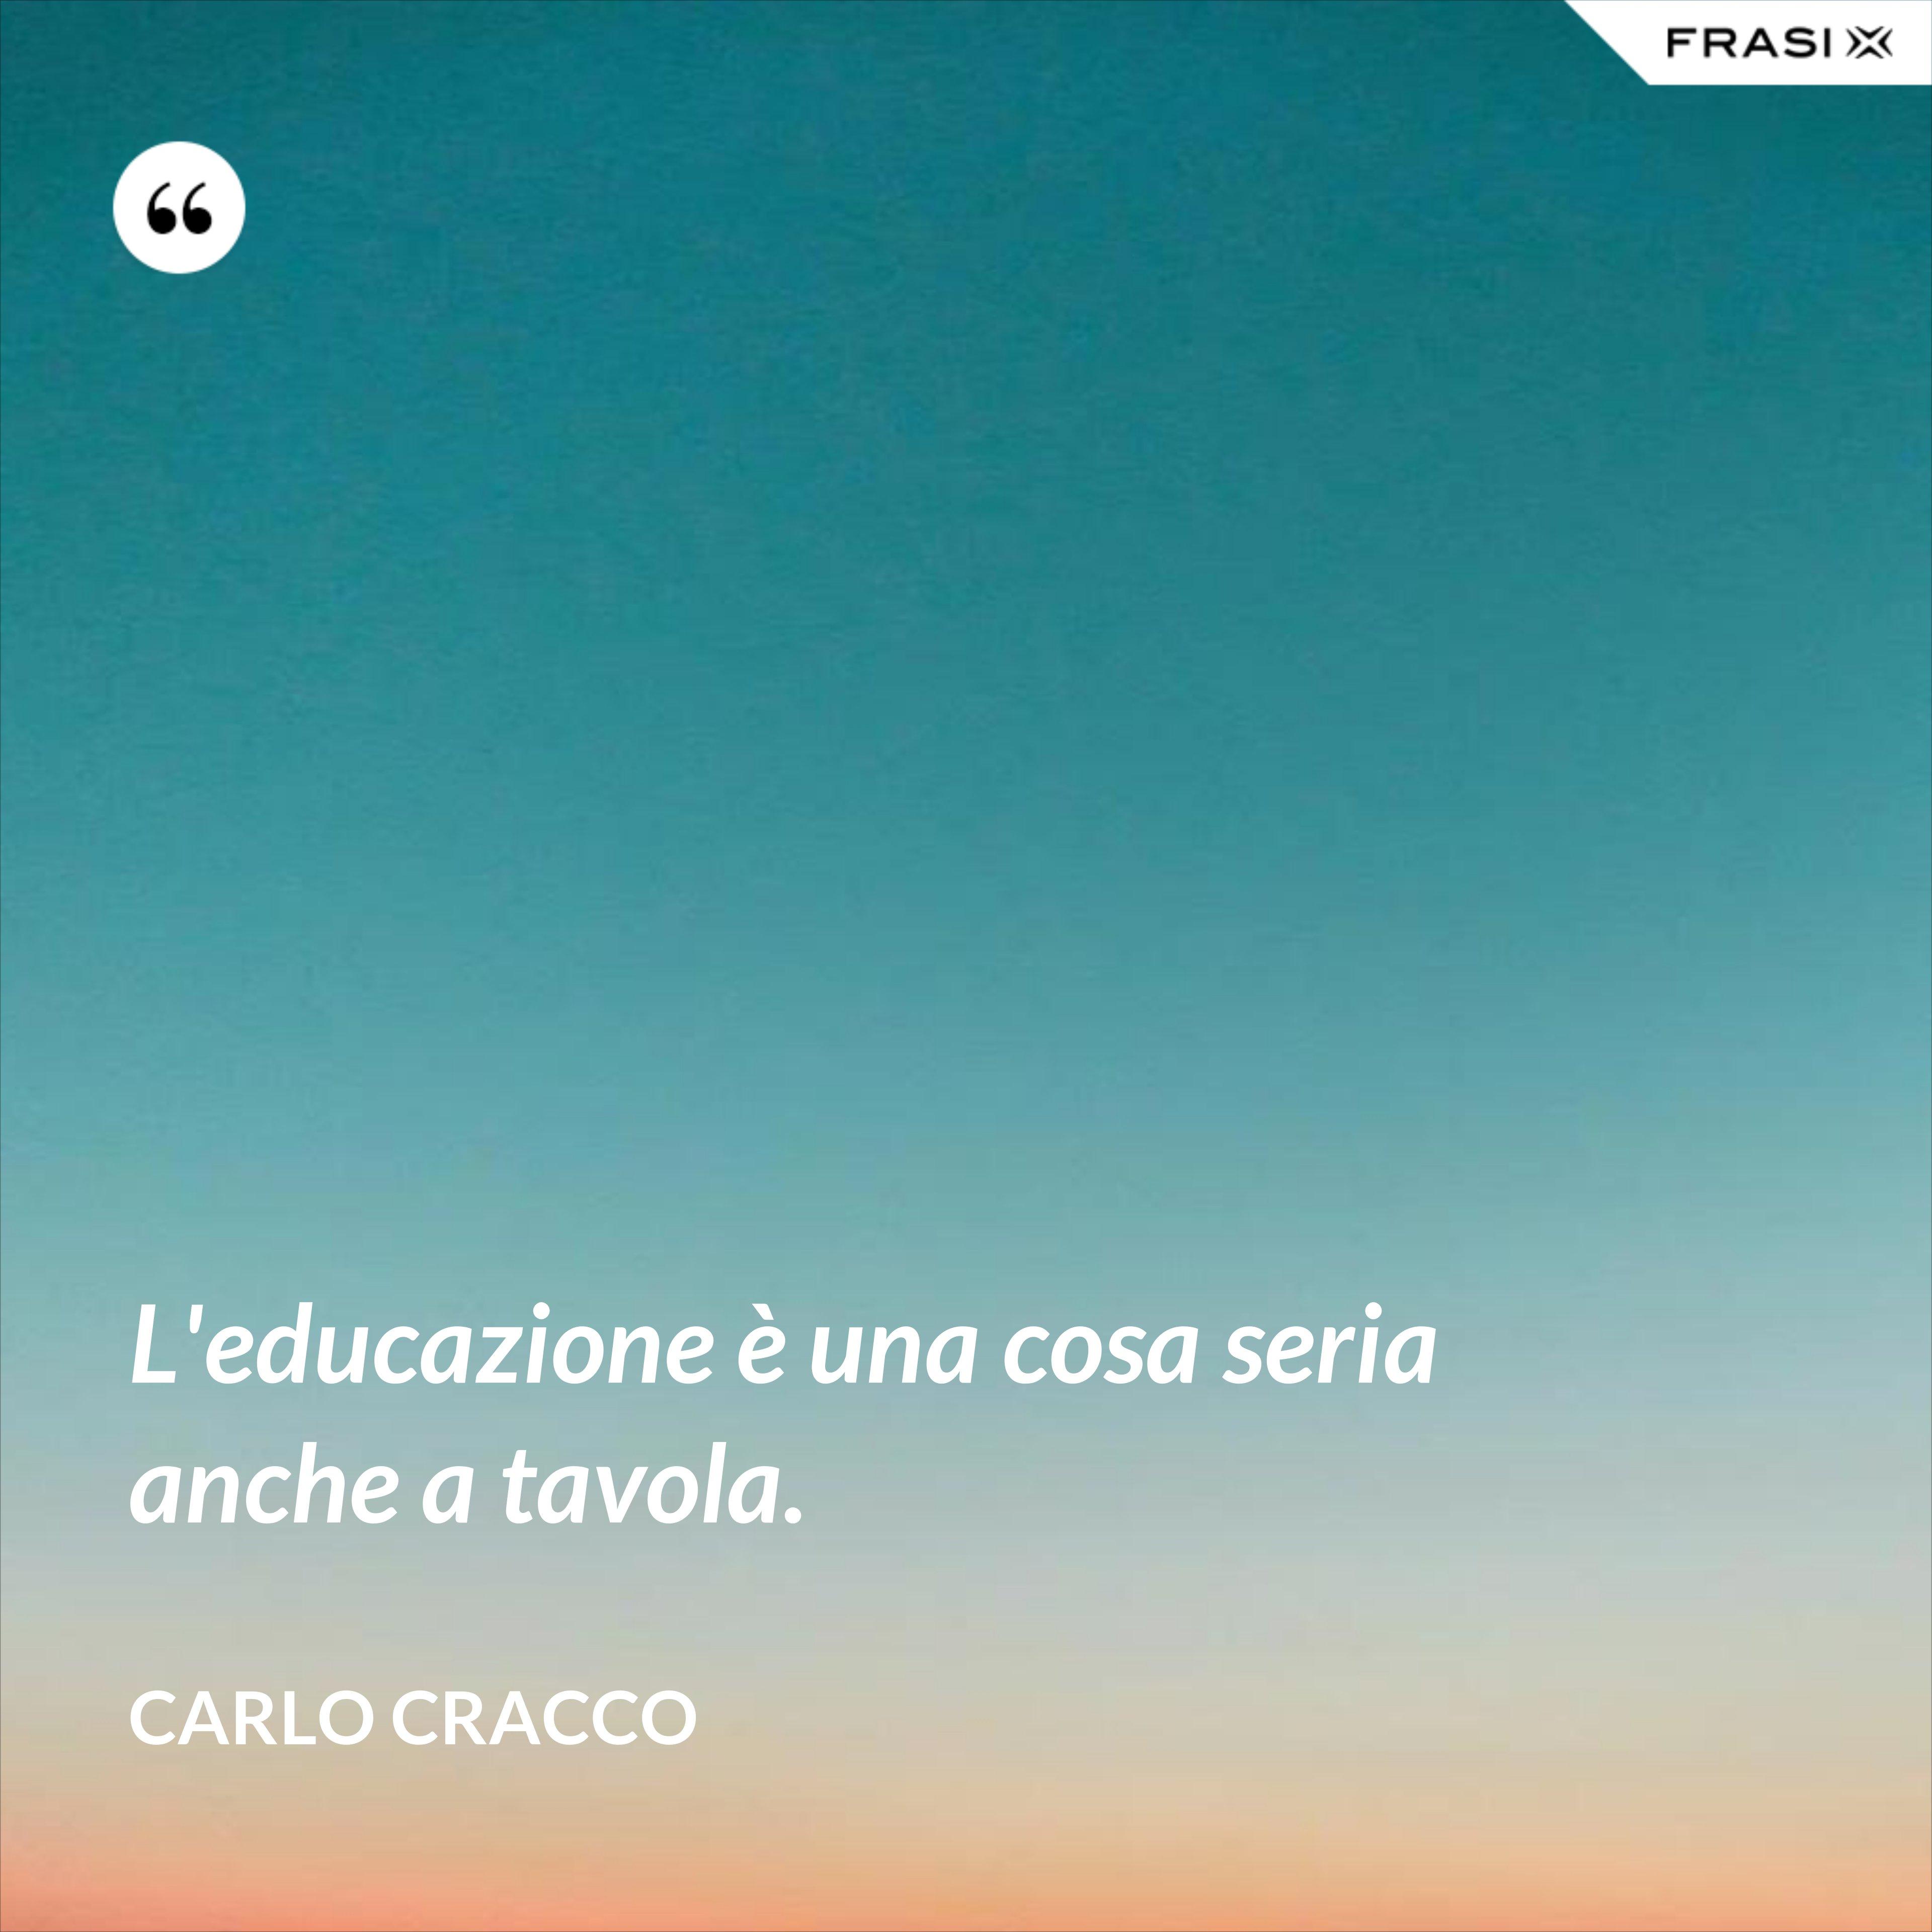 L'educazione è una cosa seria anche a tavola. - Carlo Cracco